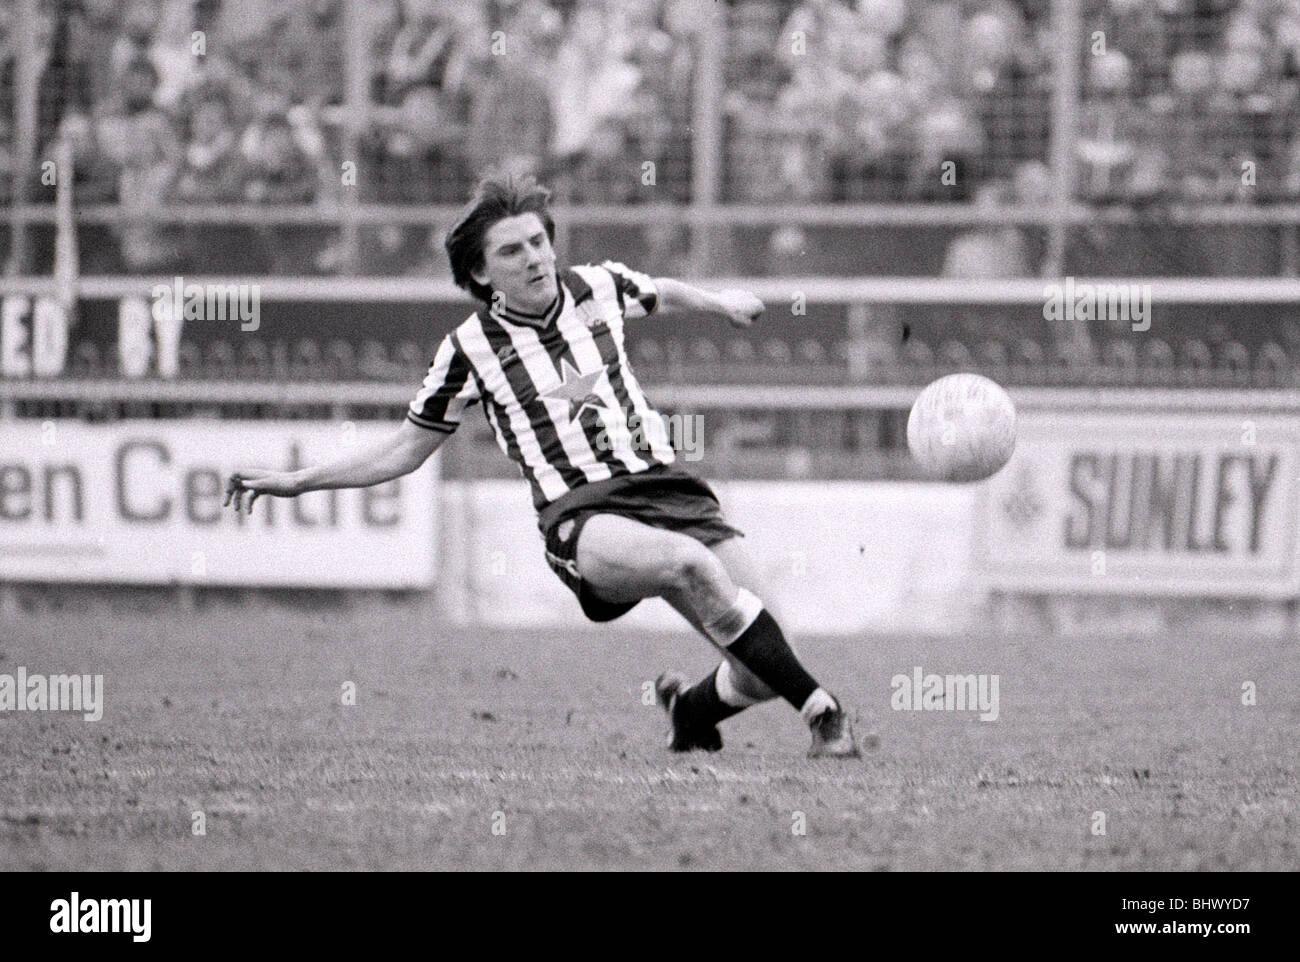 April 1984 Charlton Athletic V Newcastle United Football 1980er Jahren Fußballspieler, Peter Beardsley Stockbild